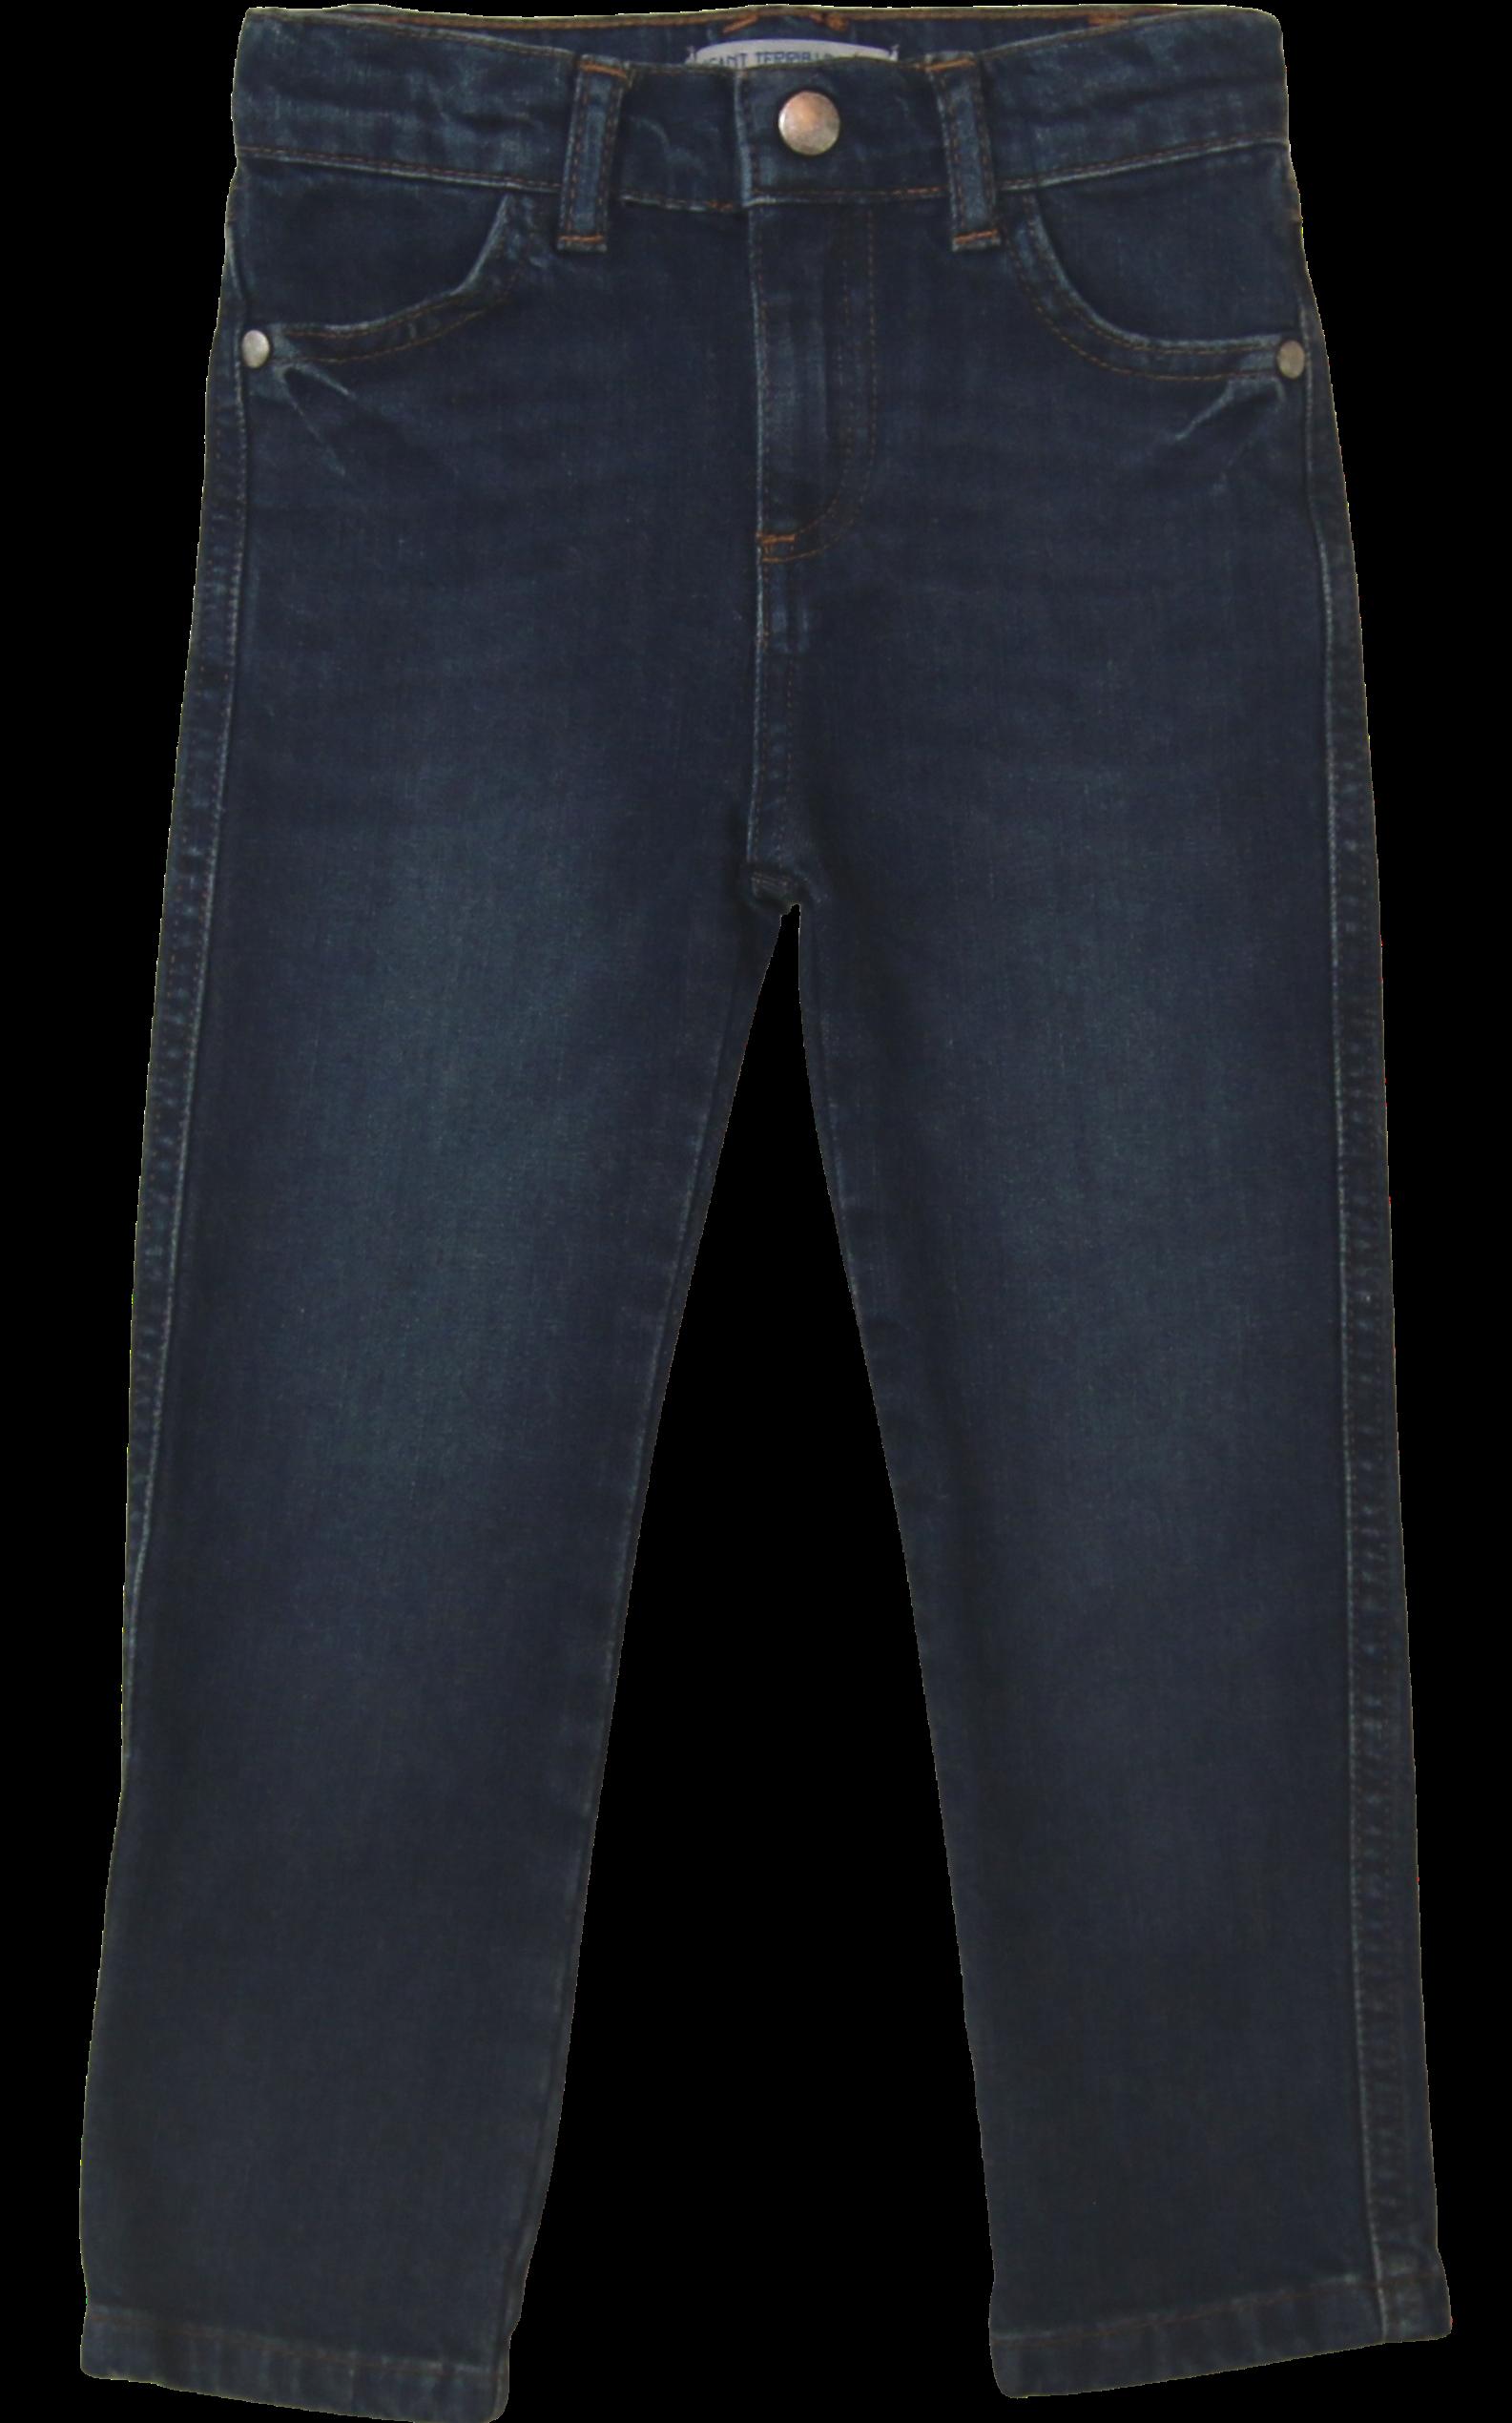 Schmale Jeans für Kinder